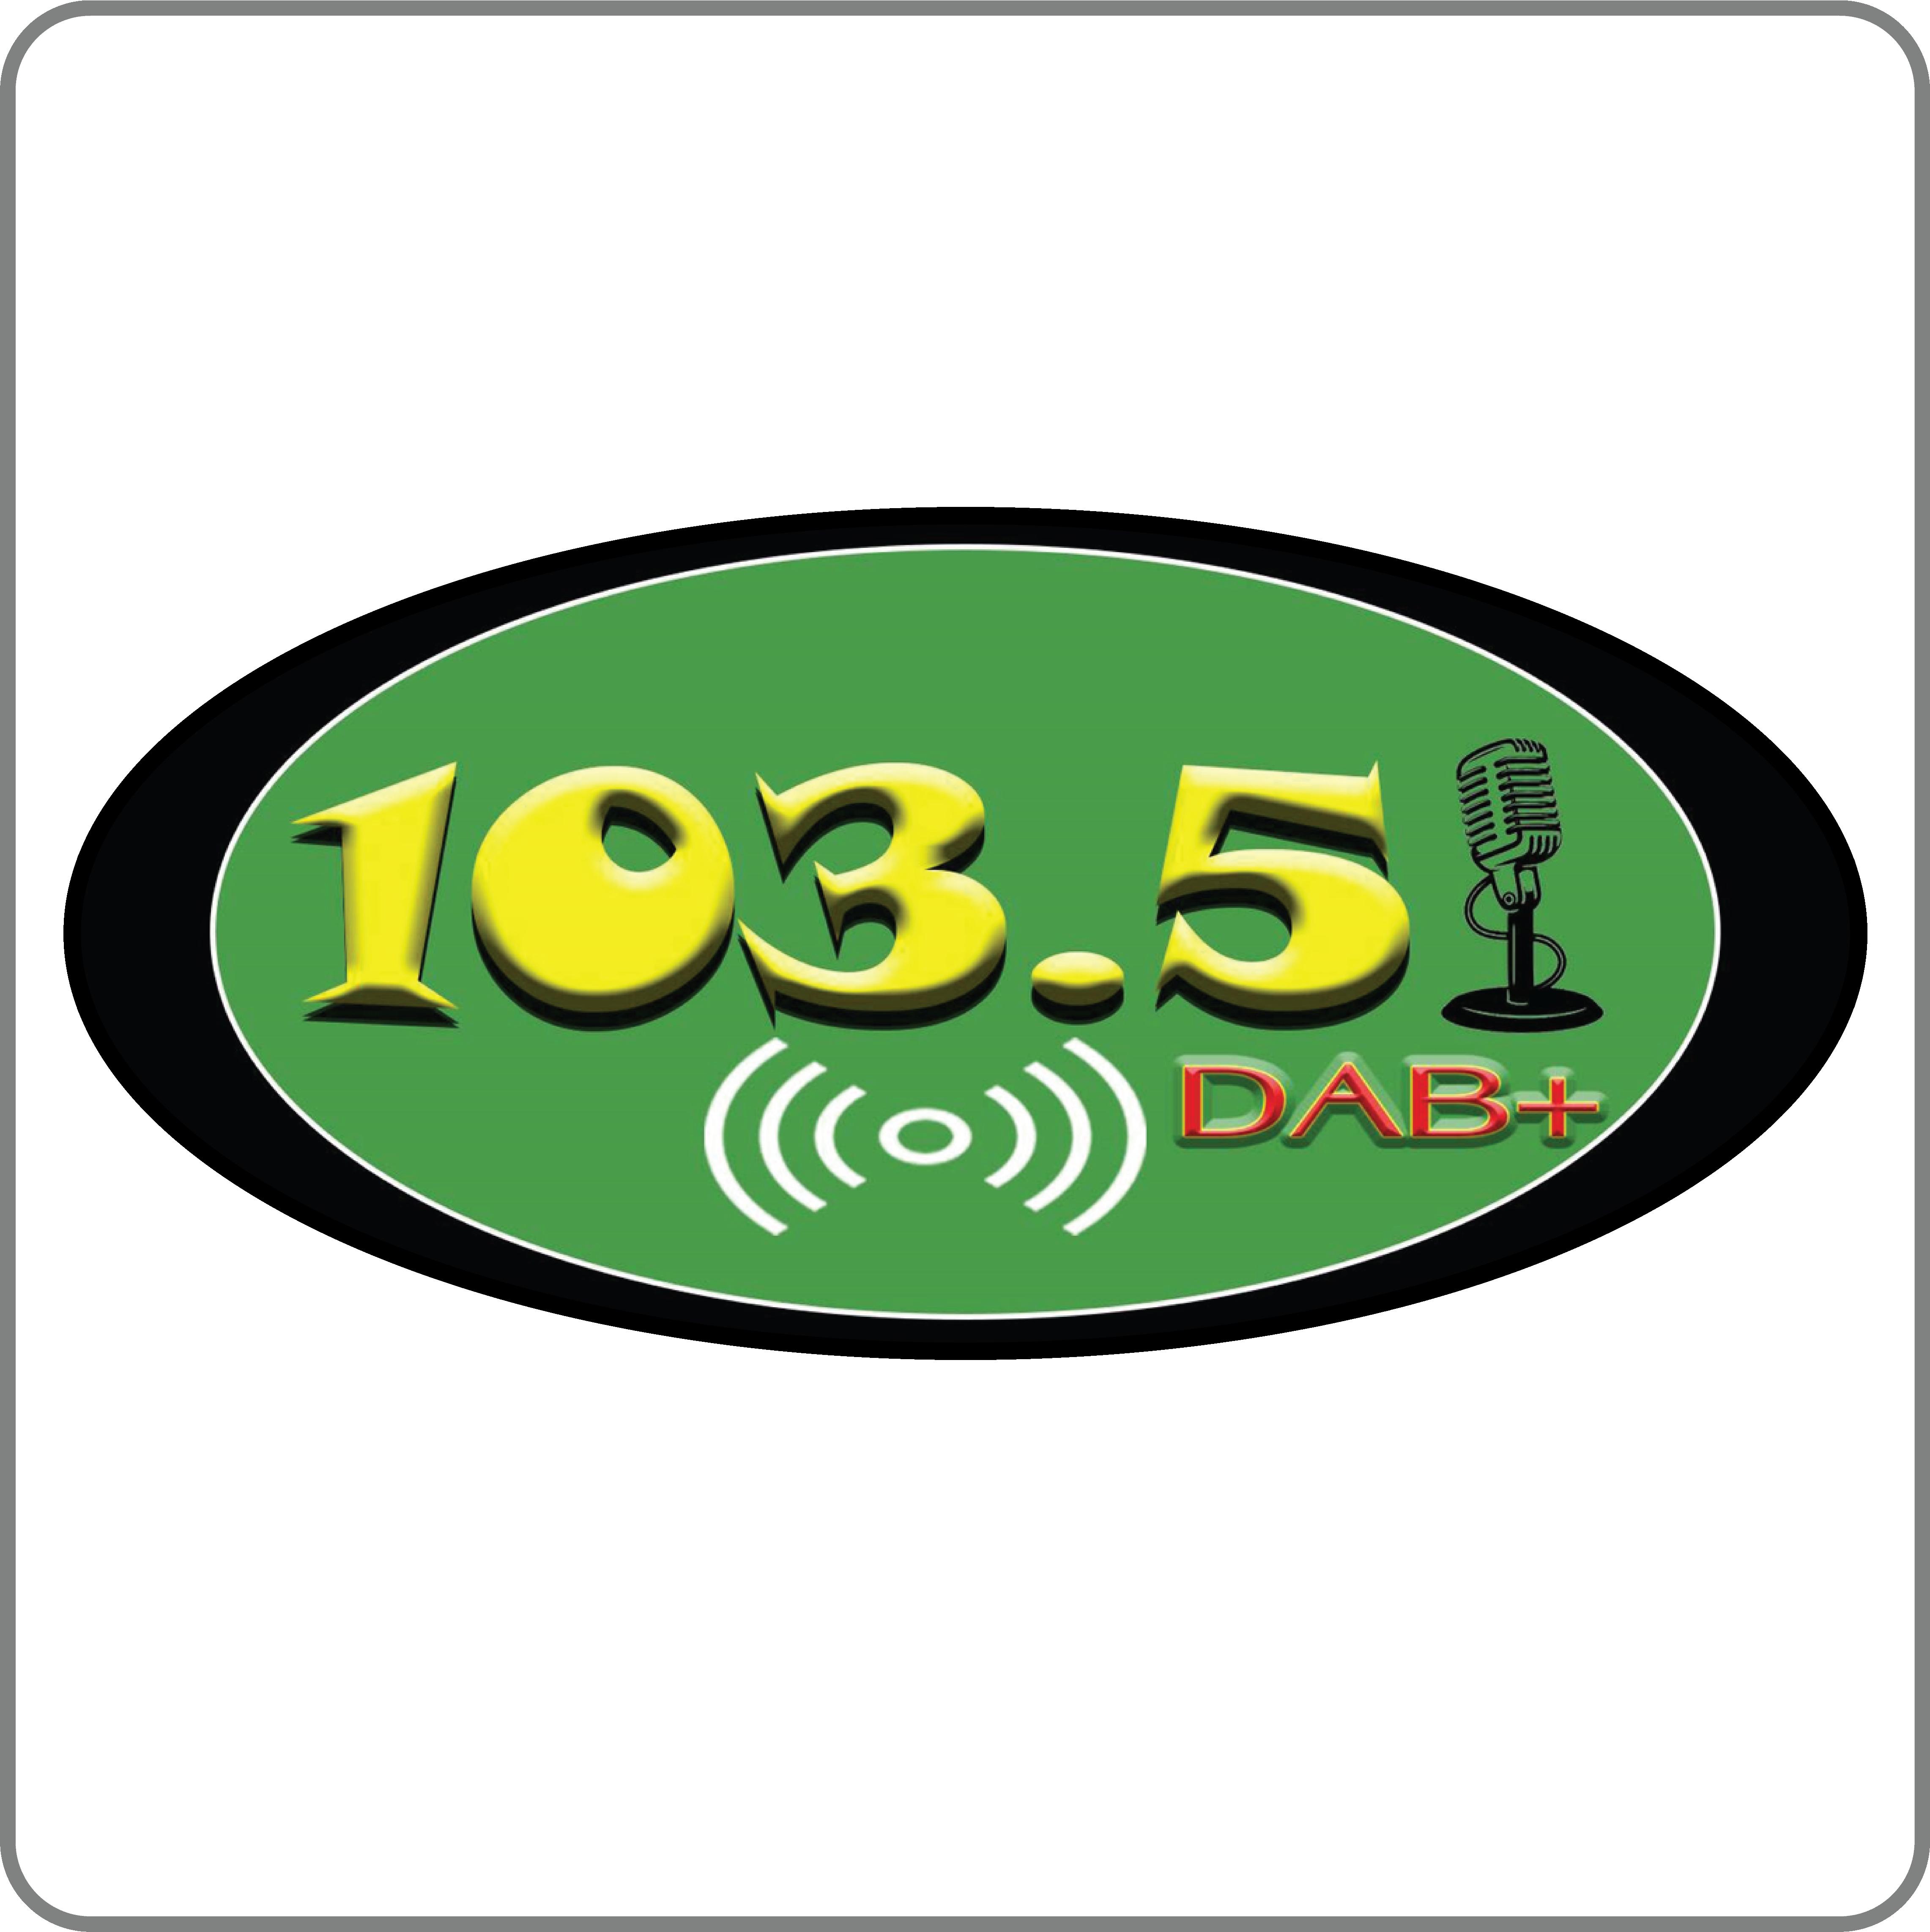 สถานีวิทยุ FM ONE จส.103.5